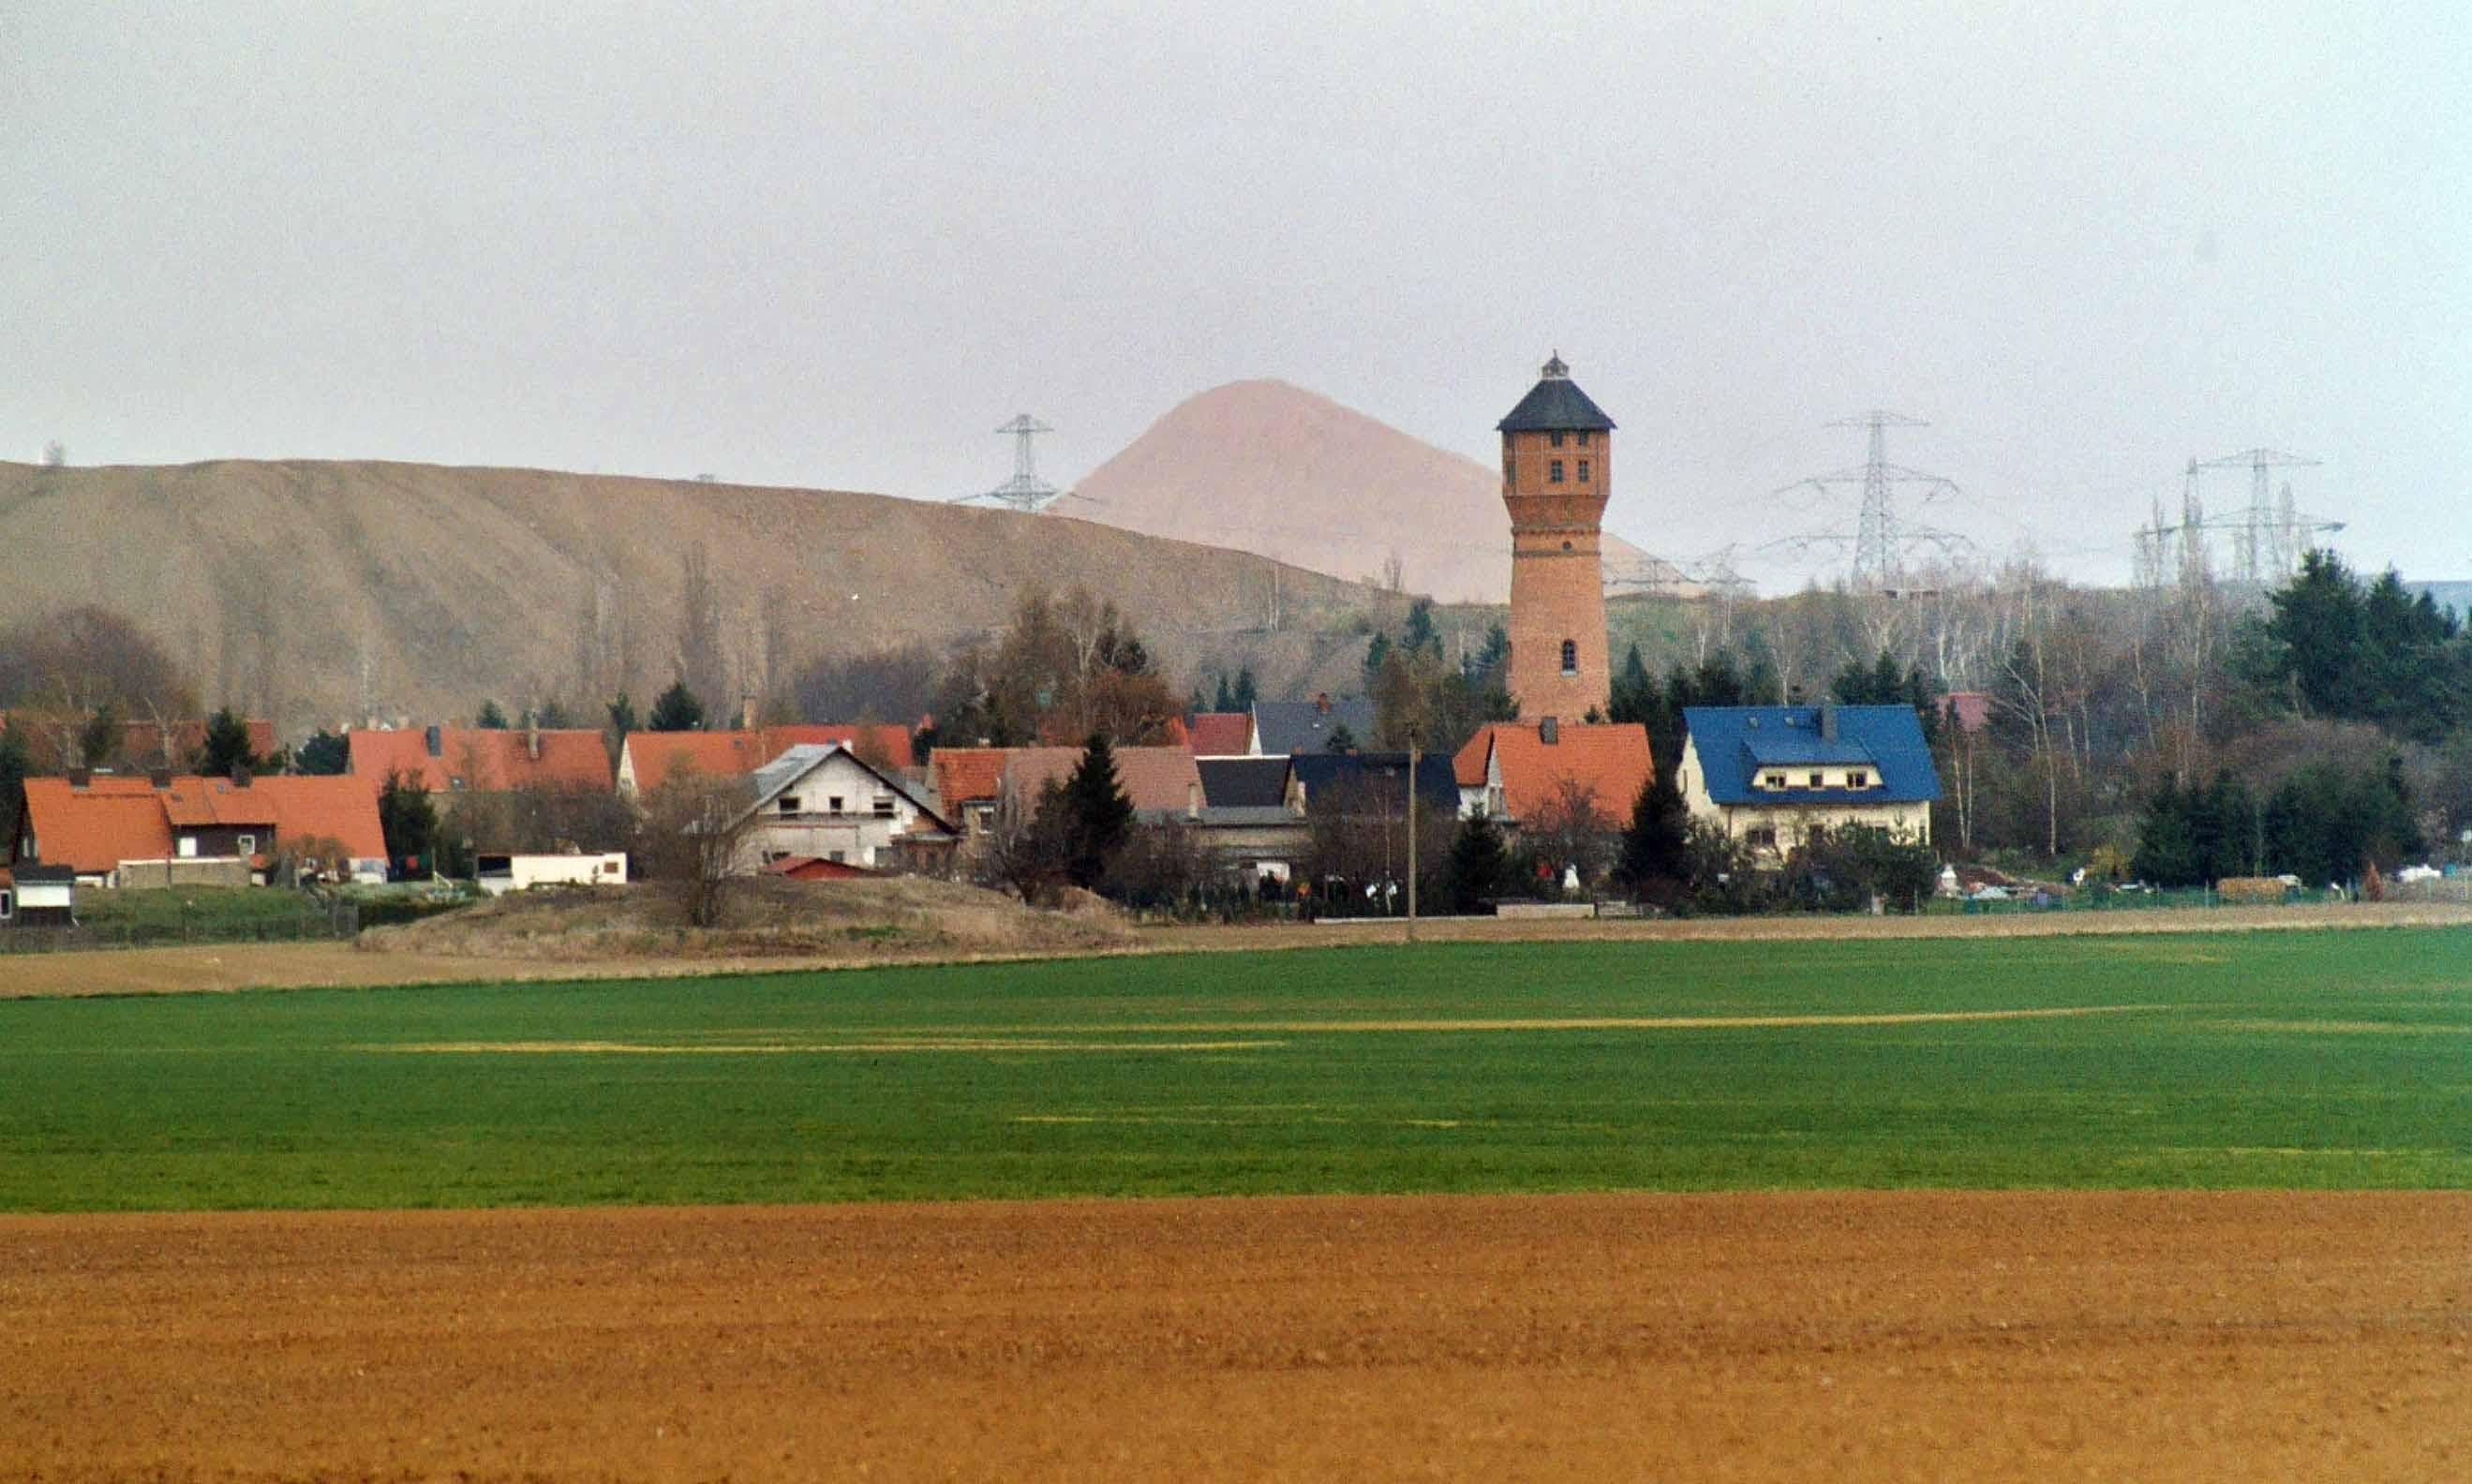 Ihr Immobilienmakler für Klostermansfeld | Haus verkaufen | Immobilie verkaufen in Klostermansfeld